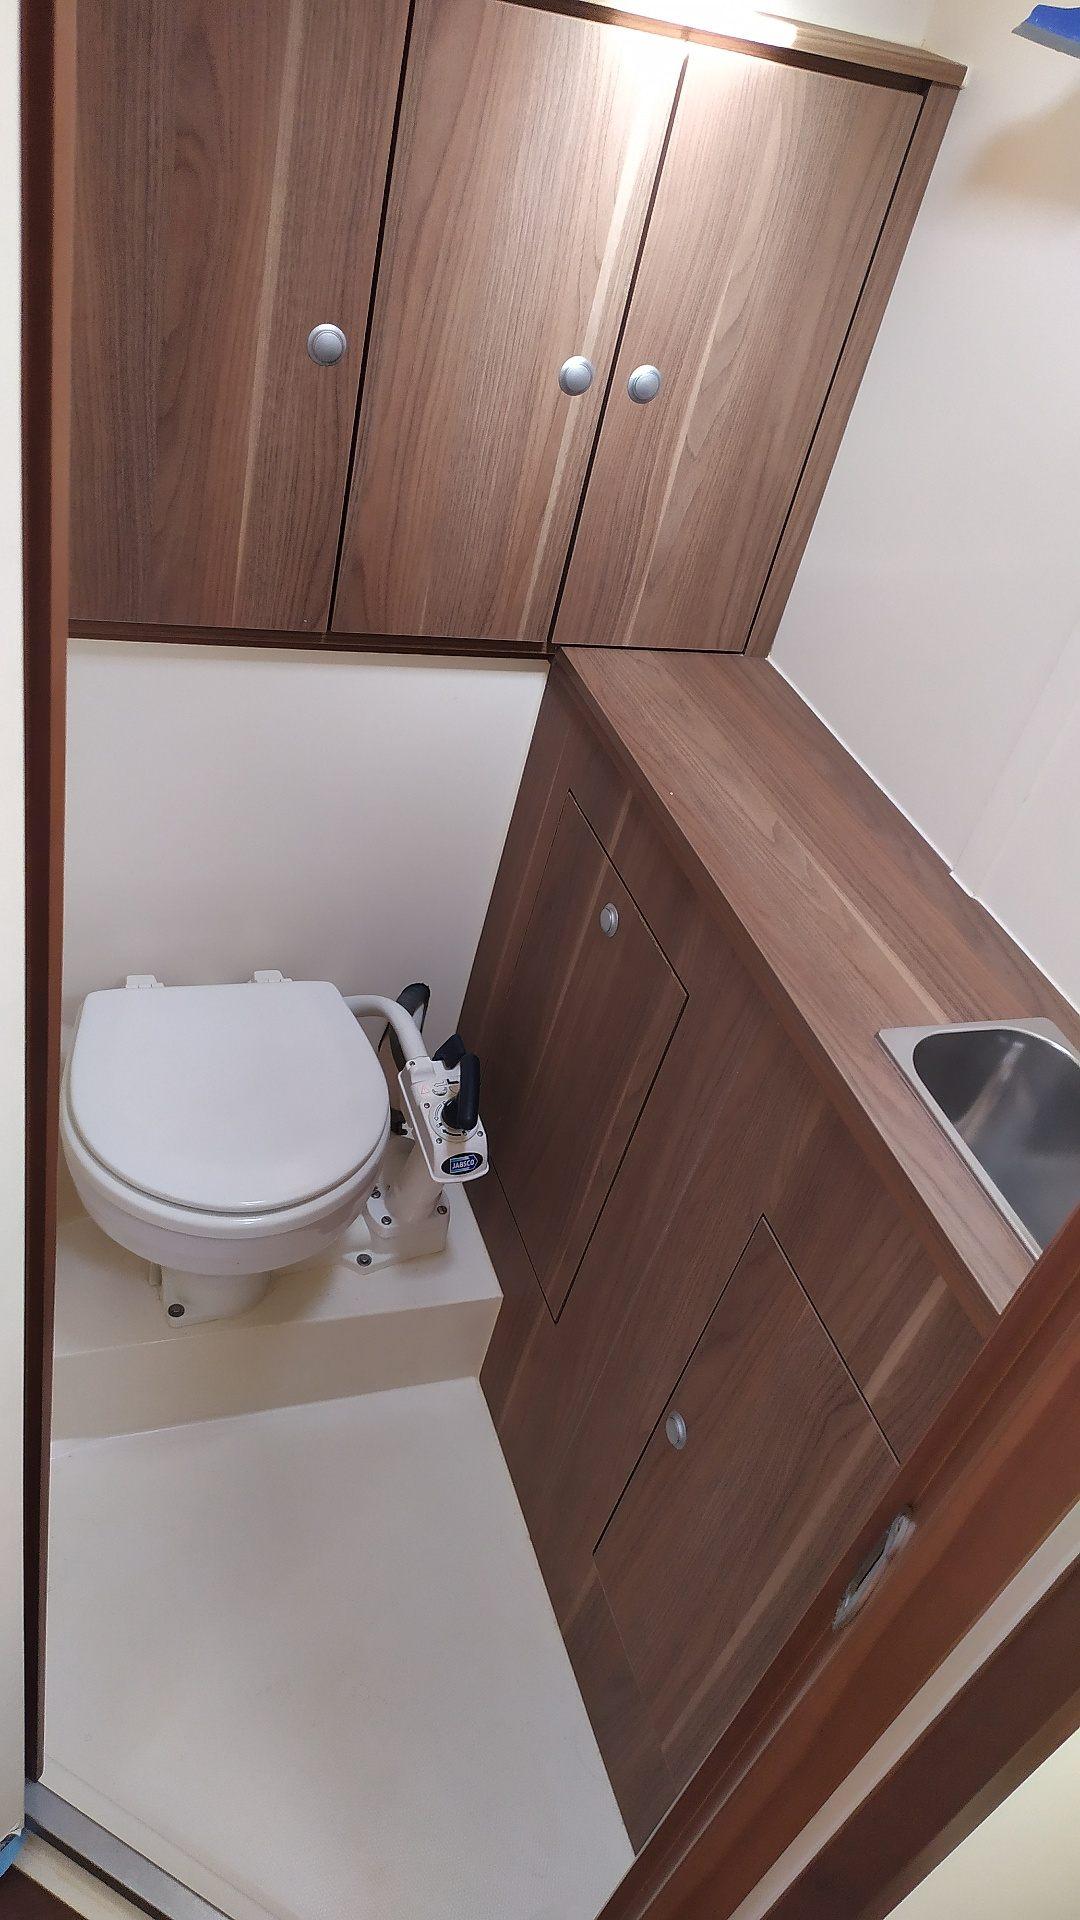 Lorelai-Dehler Varinata-44 bow toilet